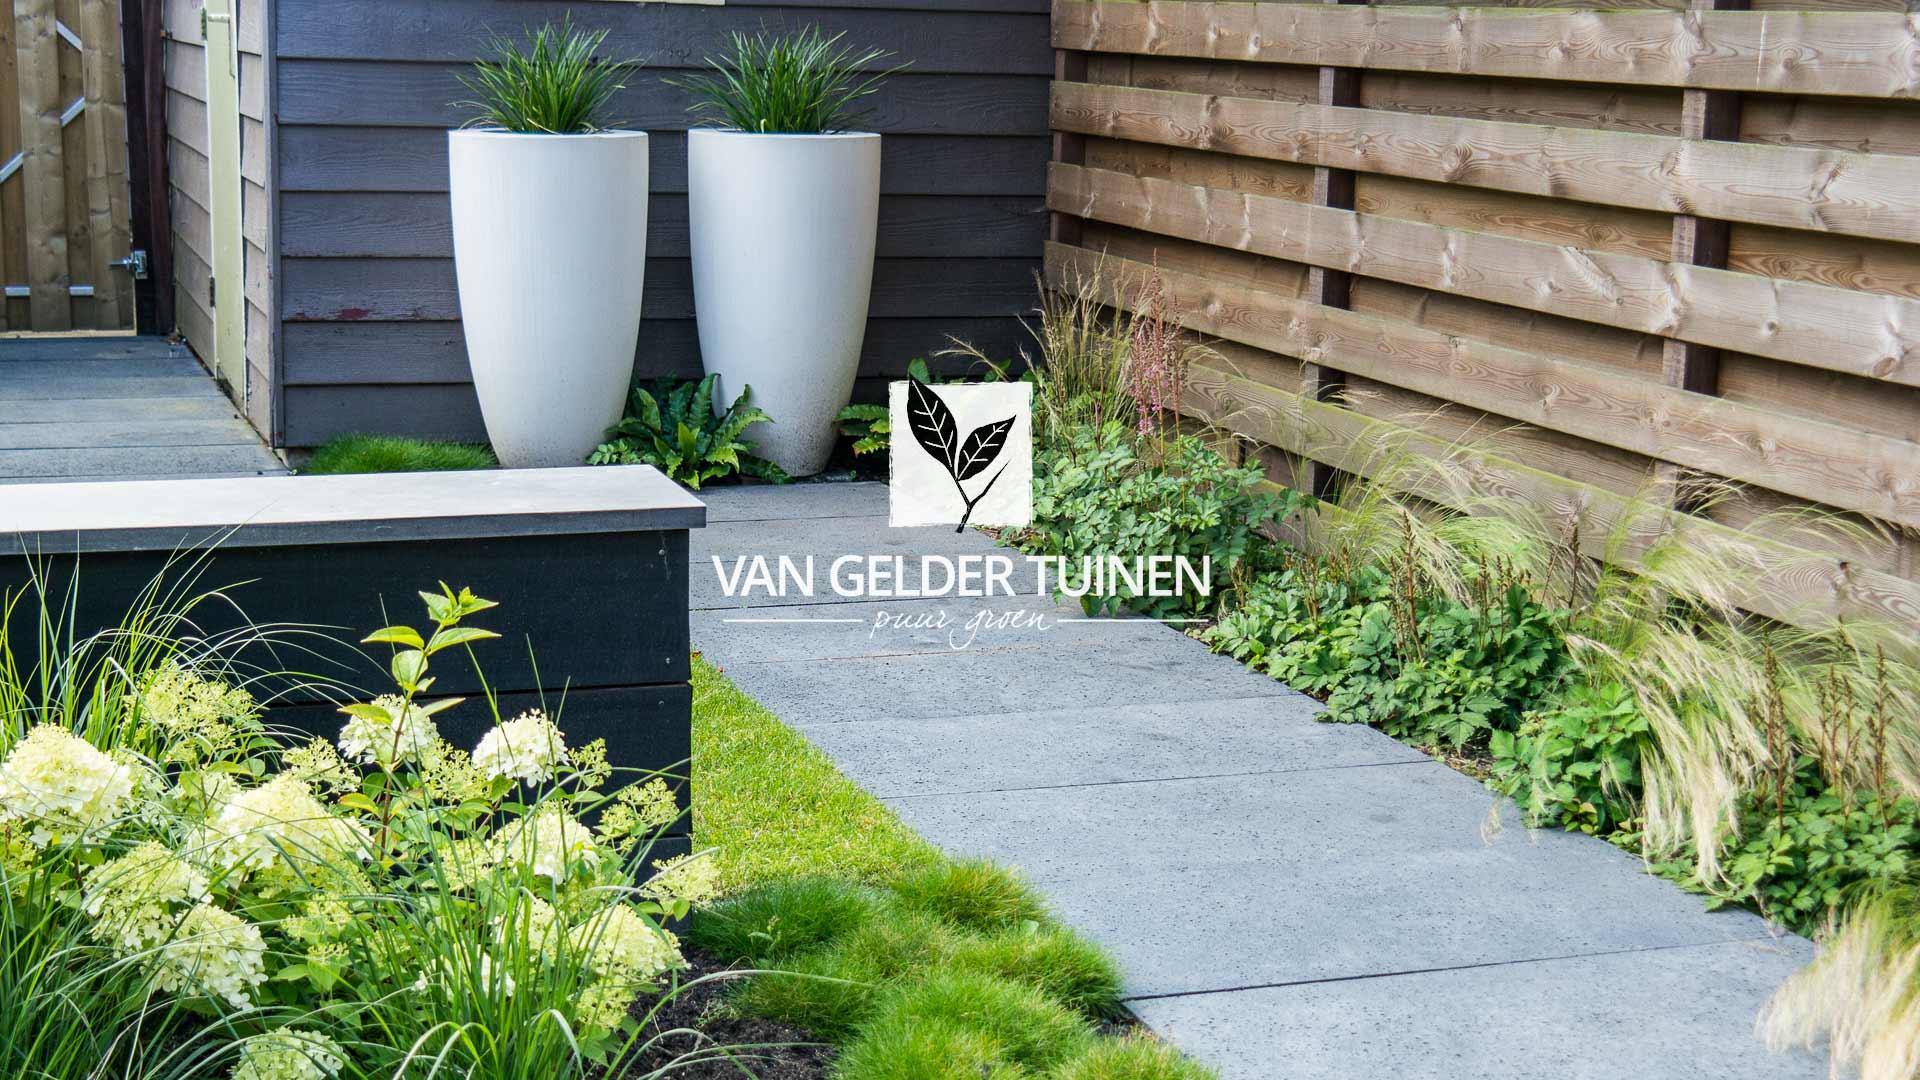 Hovenier capelle aan den ijssel van gelder tuinen for Tuin aan laten leggen